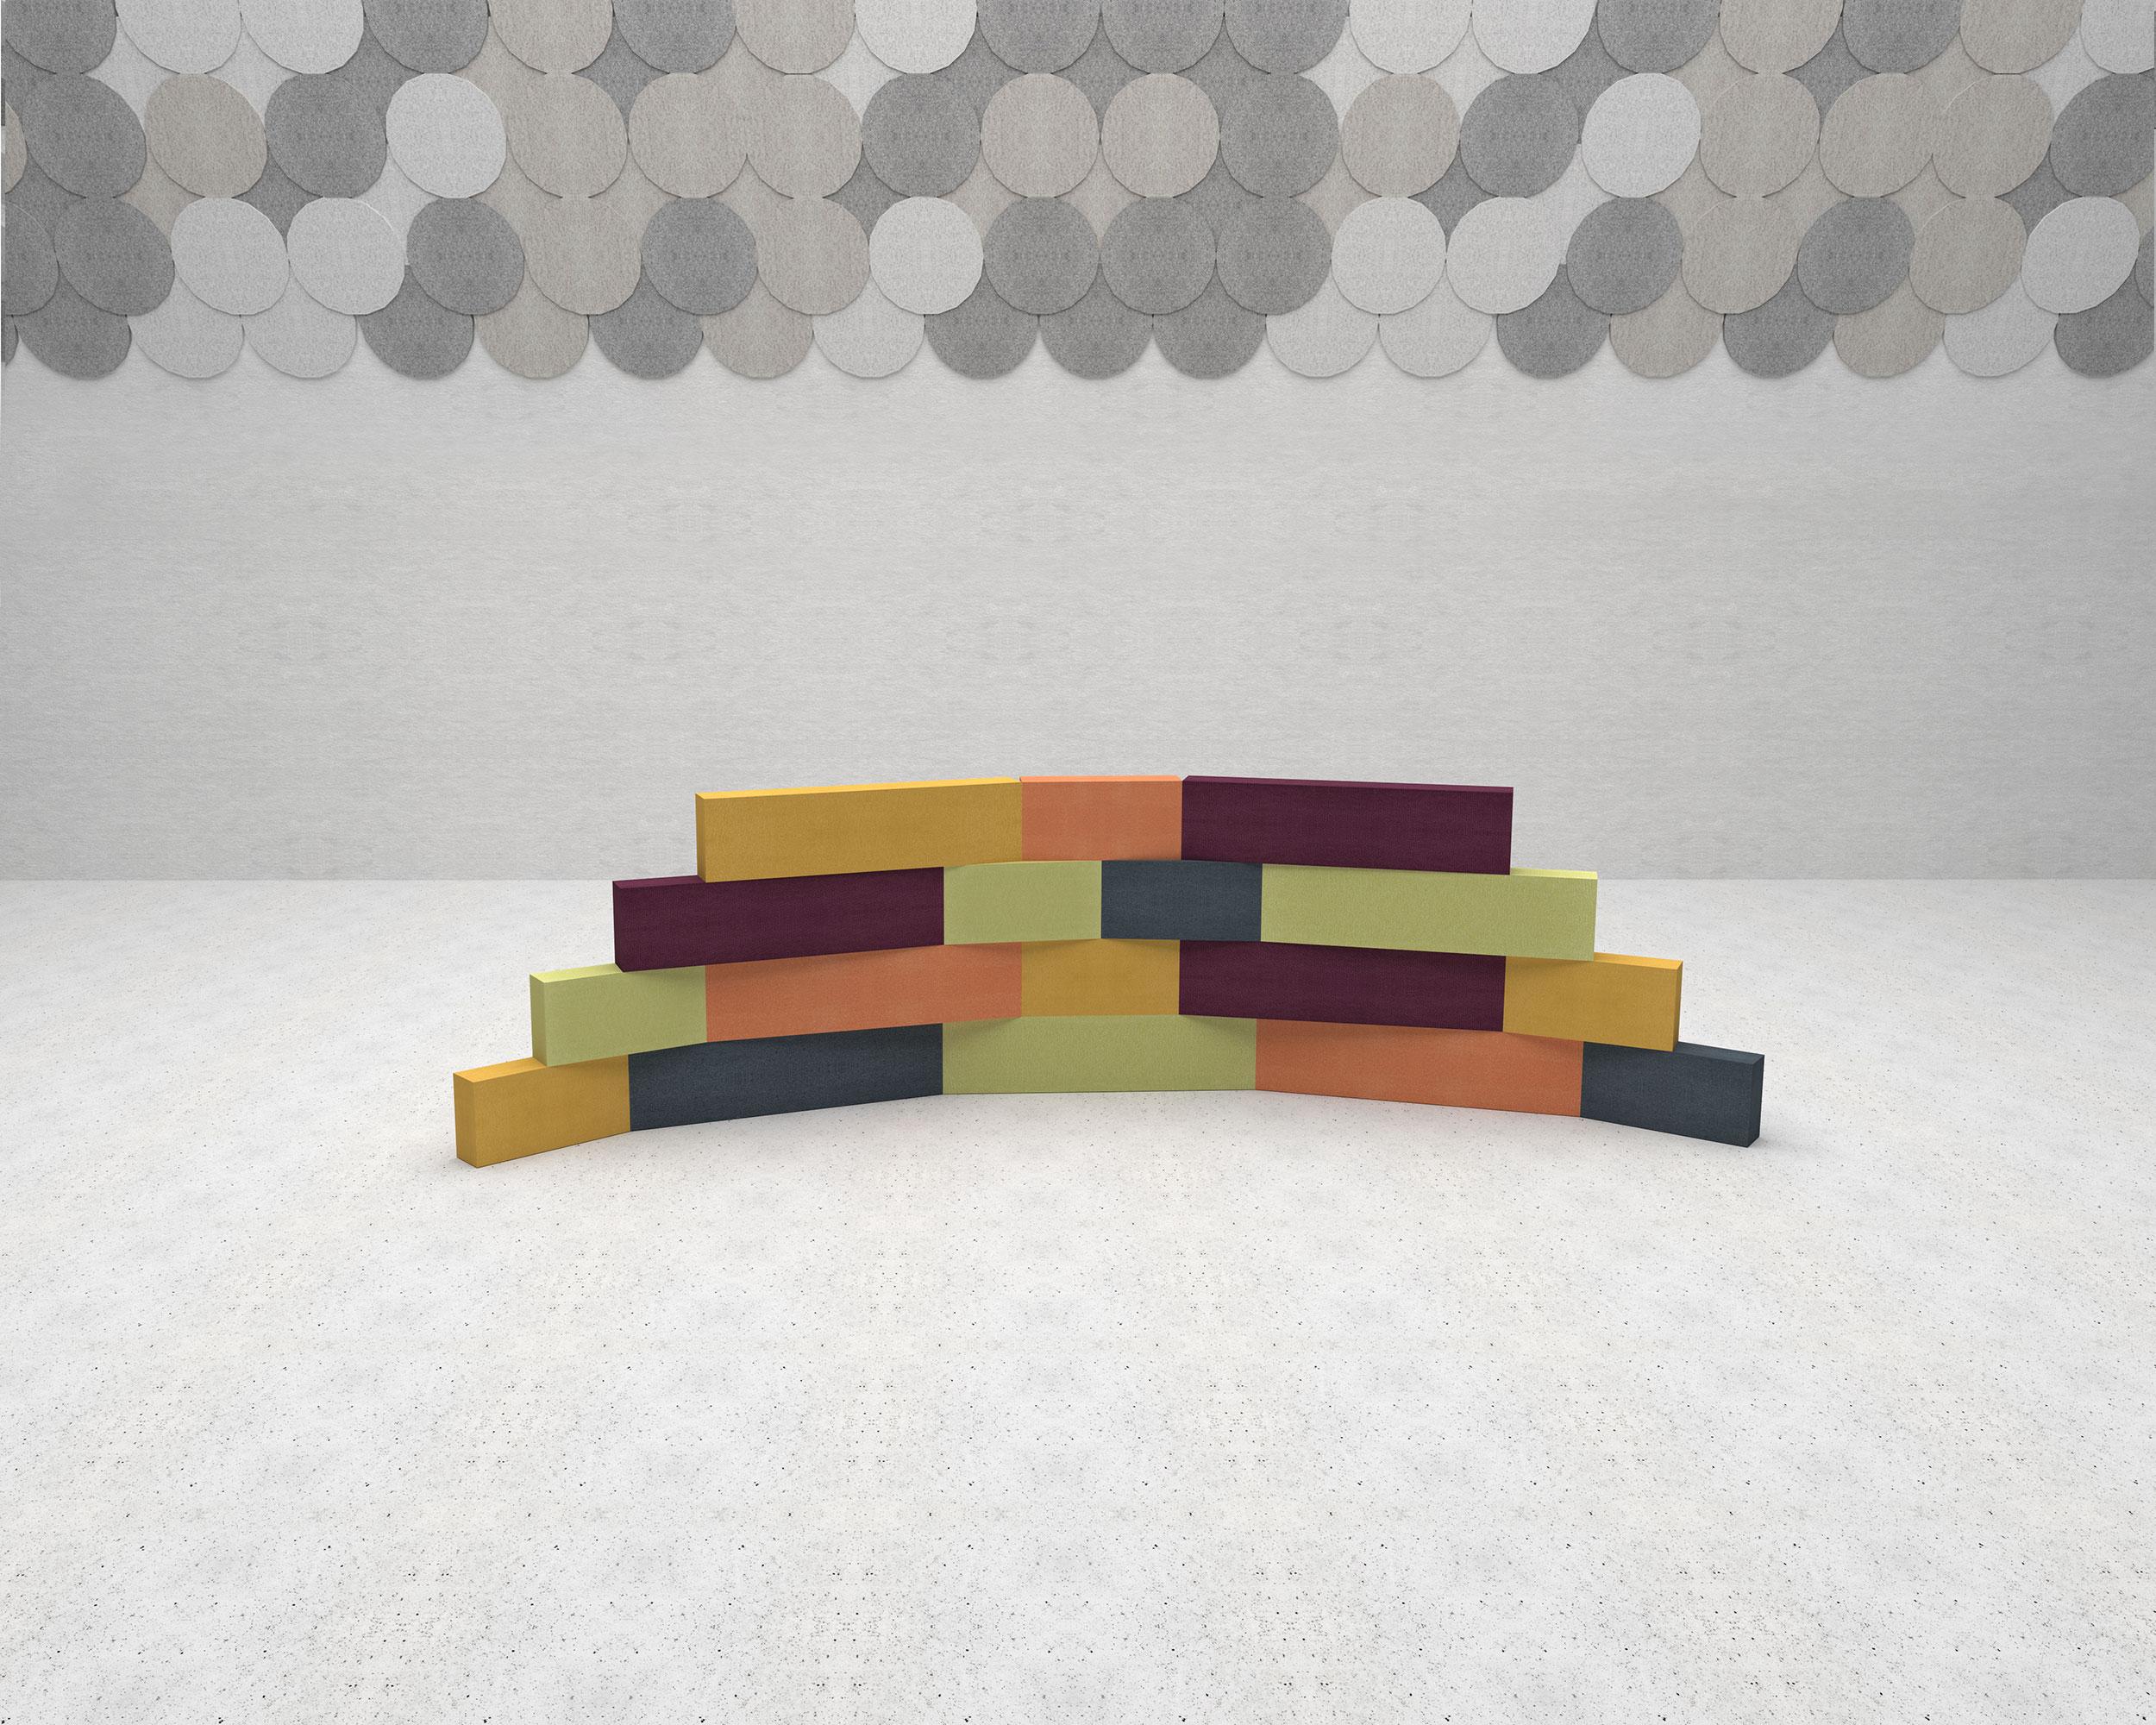 Brickwall-pile